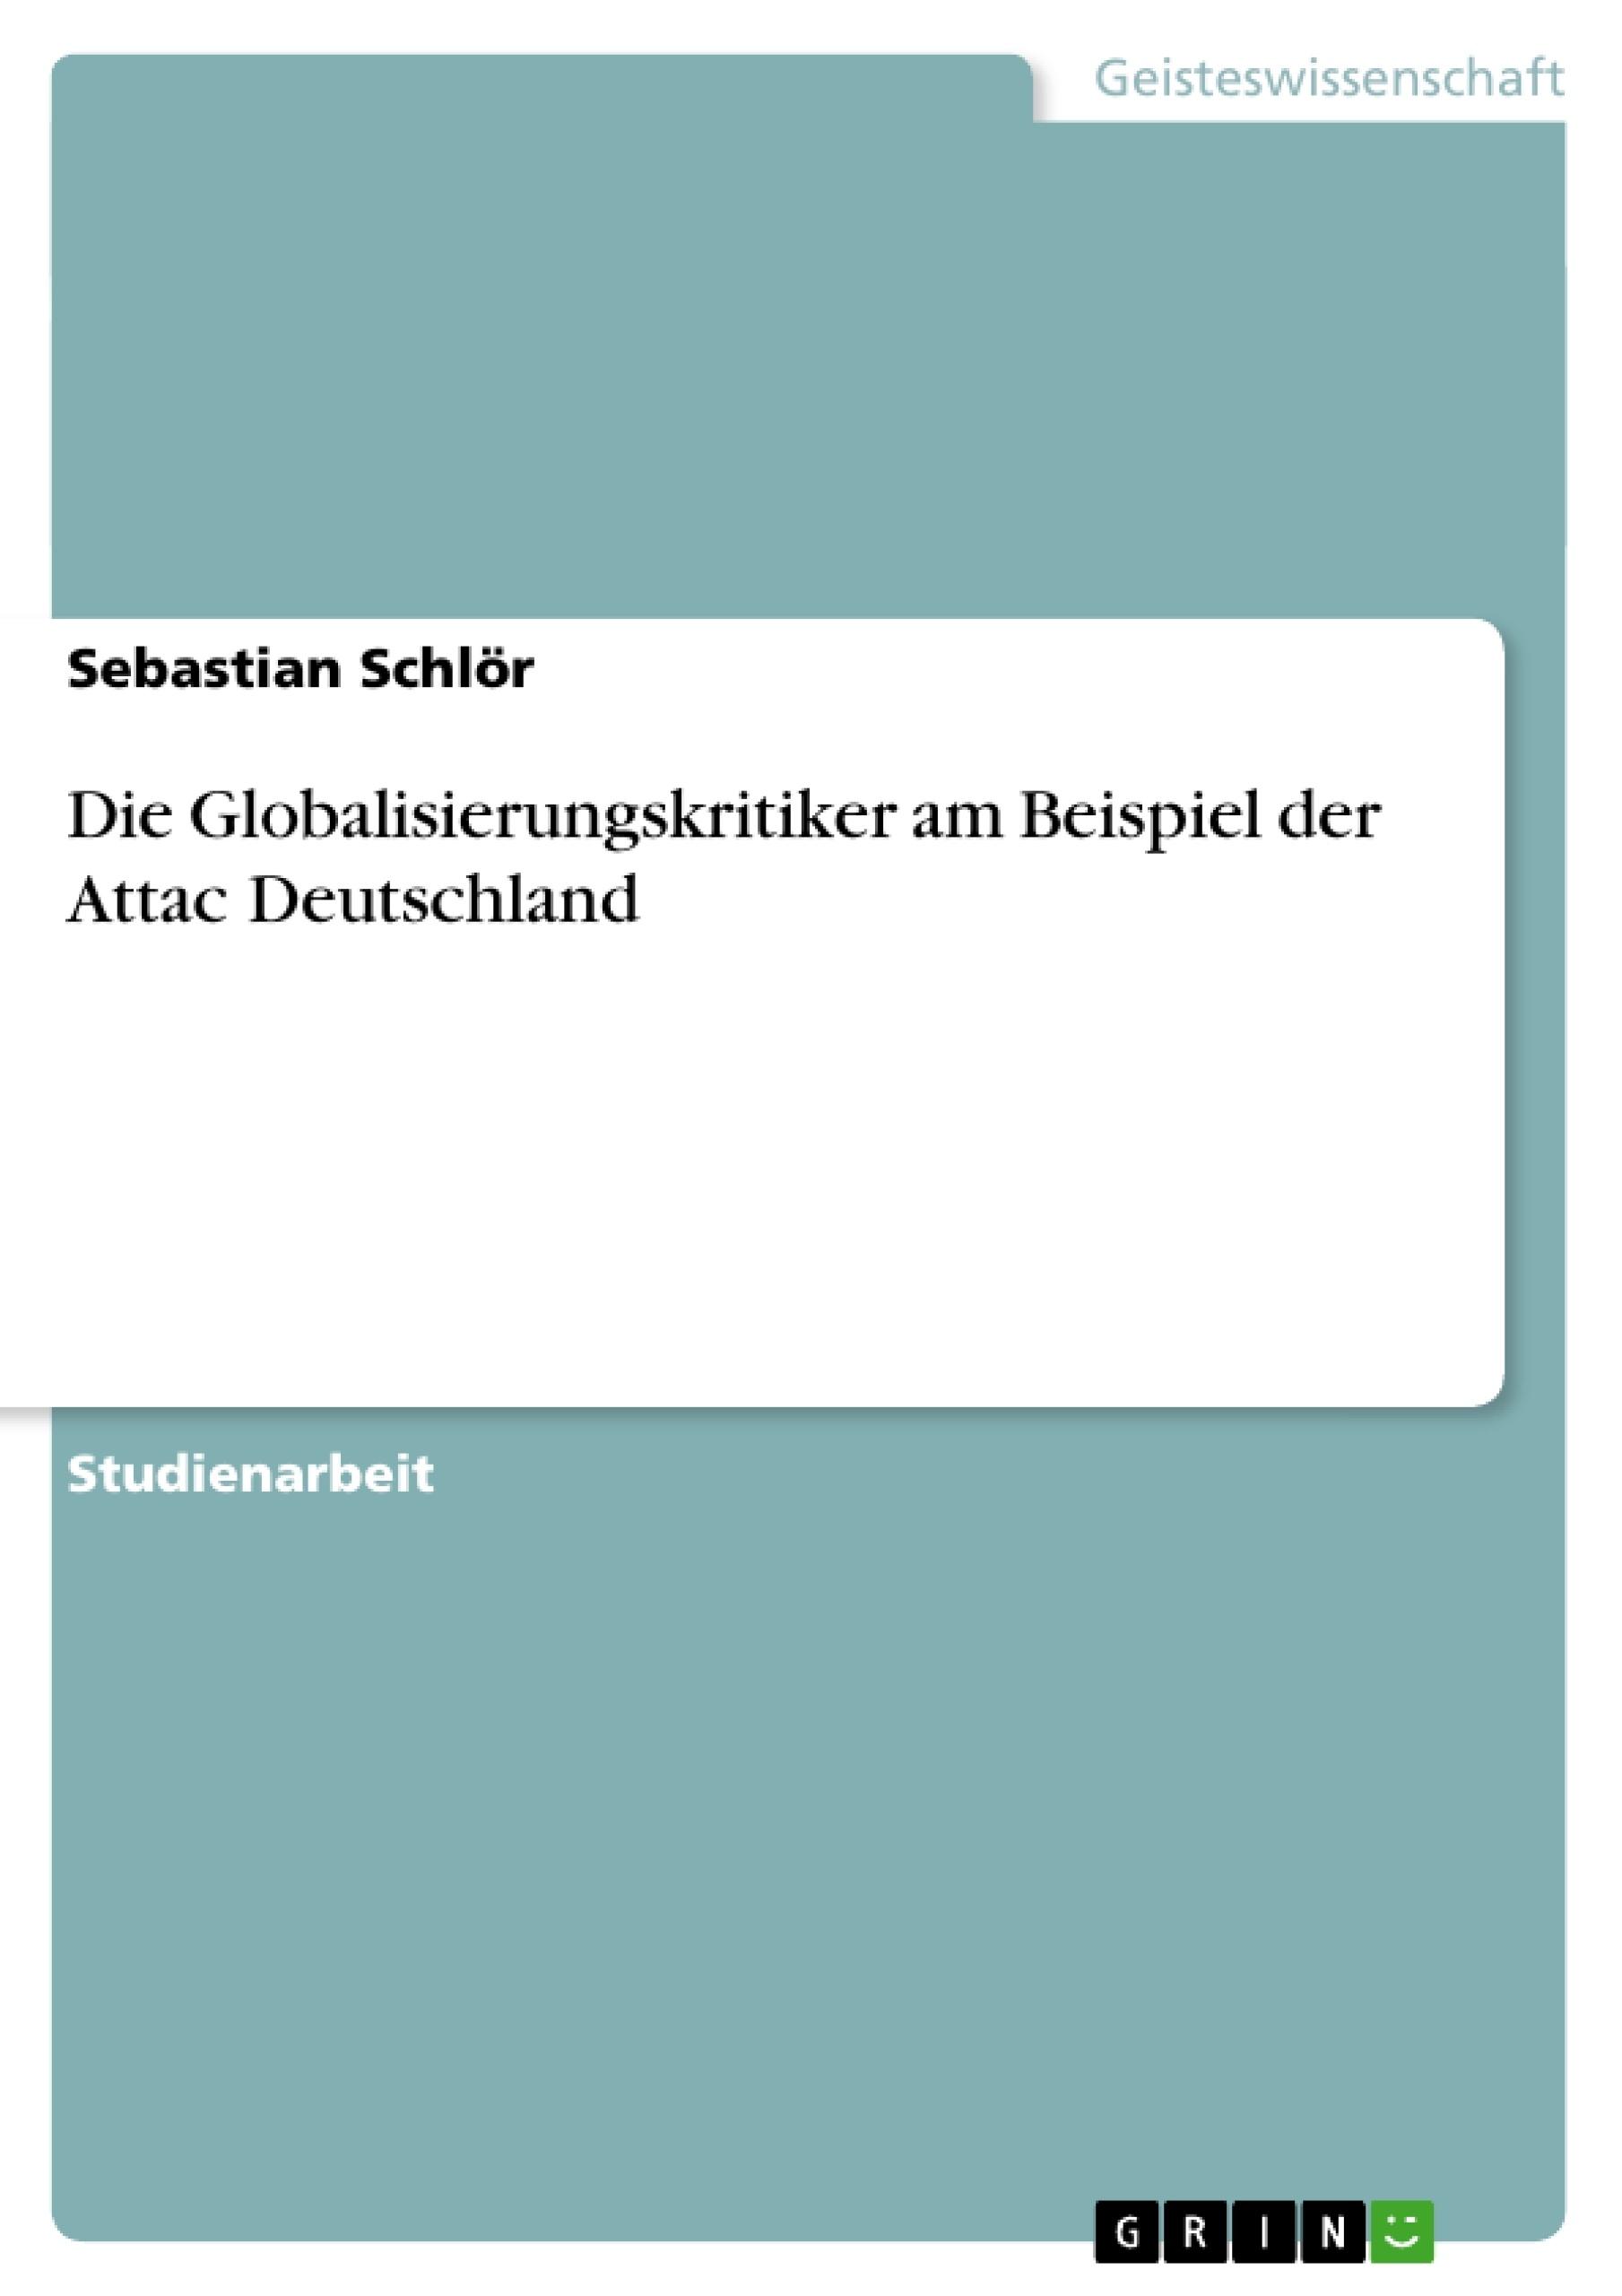 Titel: Die Globalisierungskritiker am Beispiel der Attac Deutschland